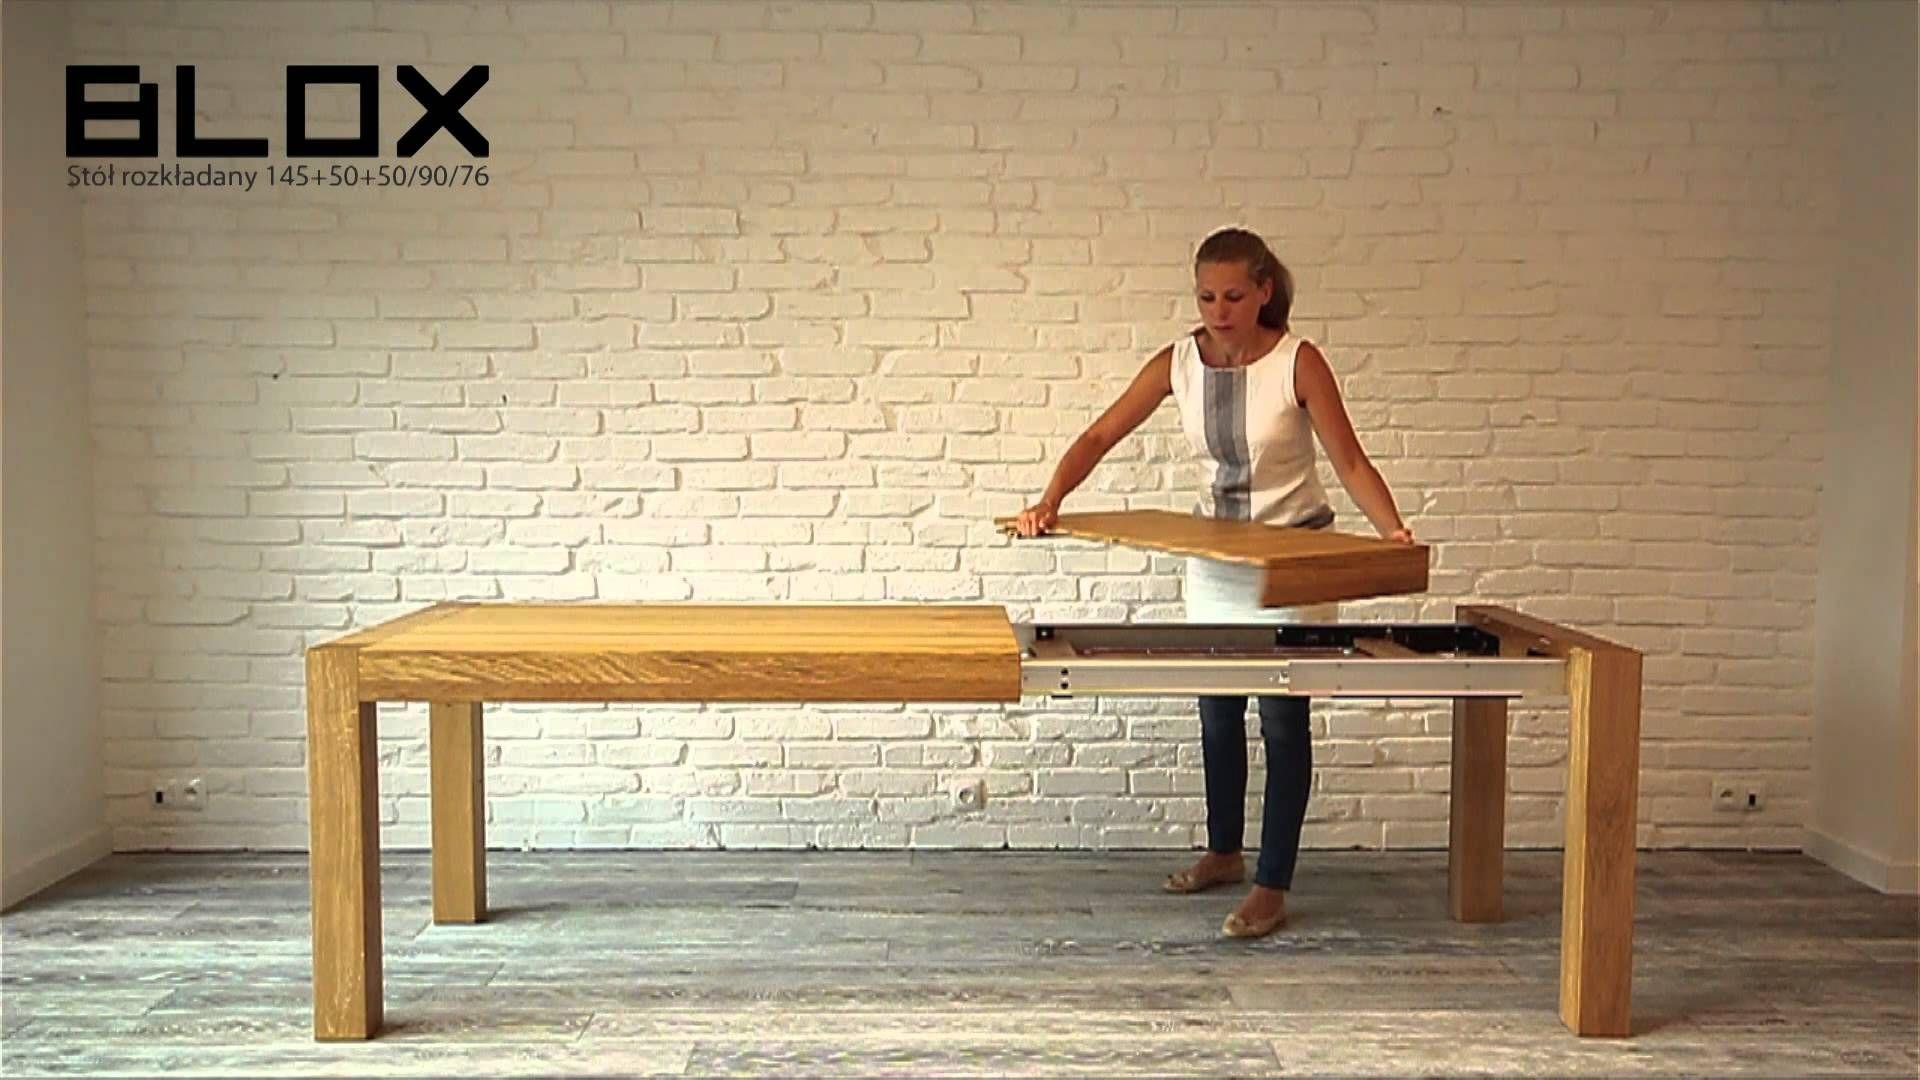 Miloni Stół Blox Drewniany Rozkładany Stół Do Kuchni